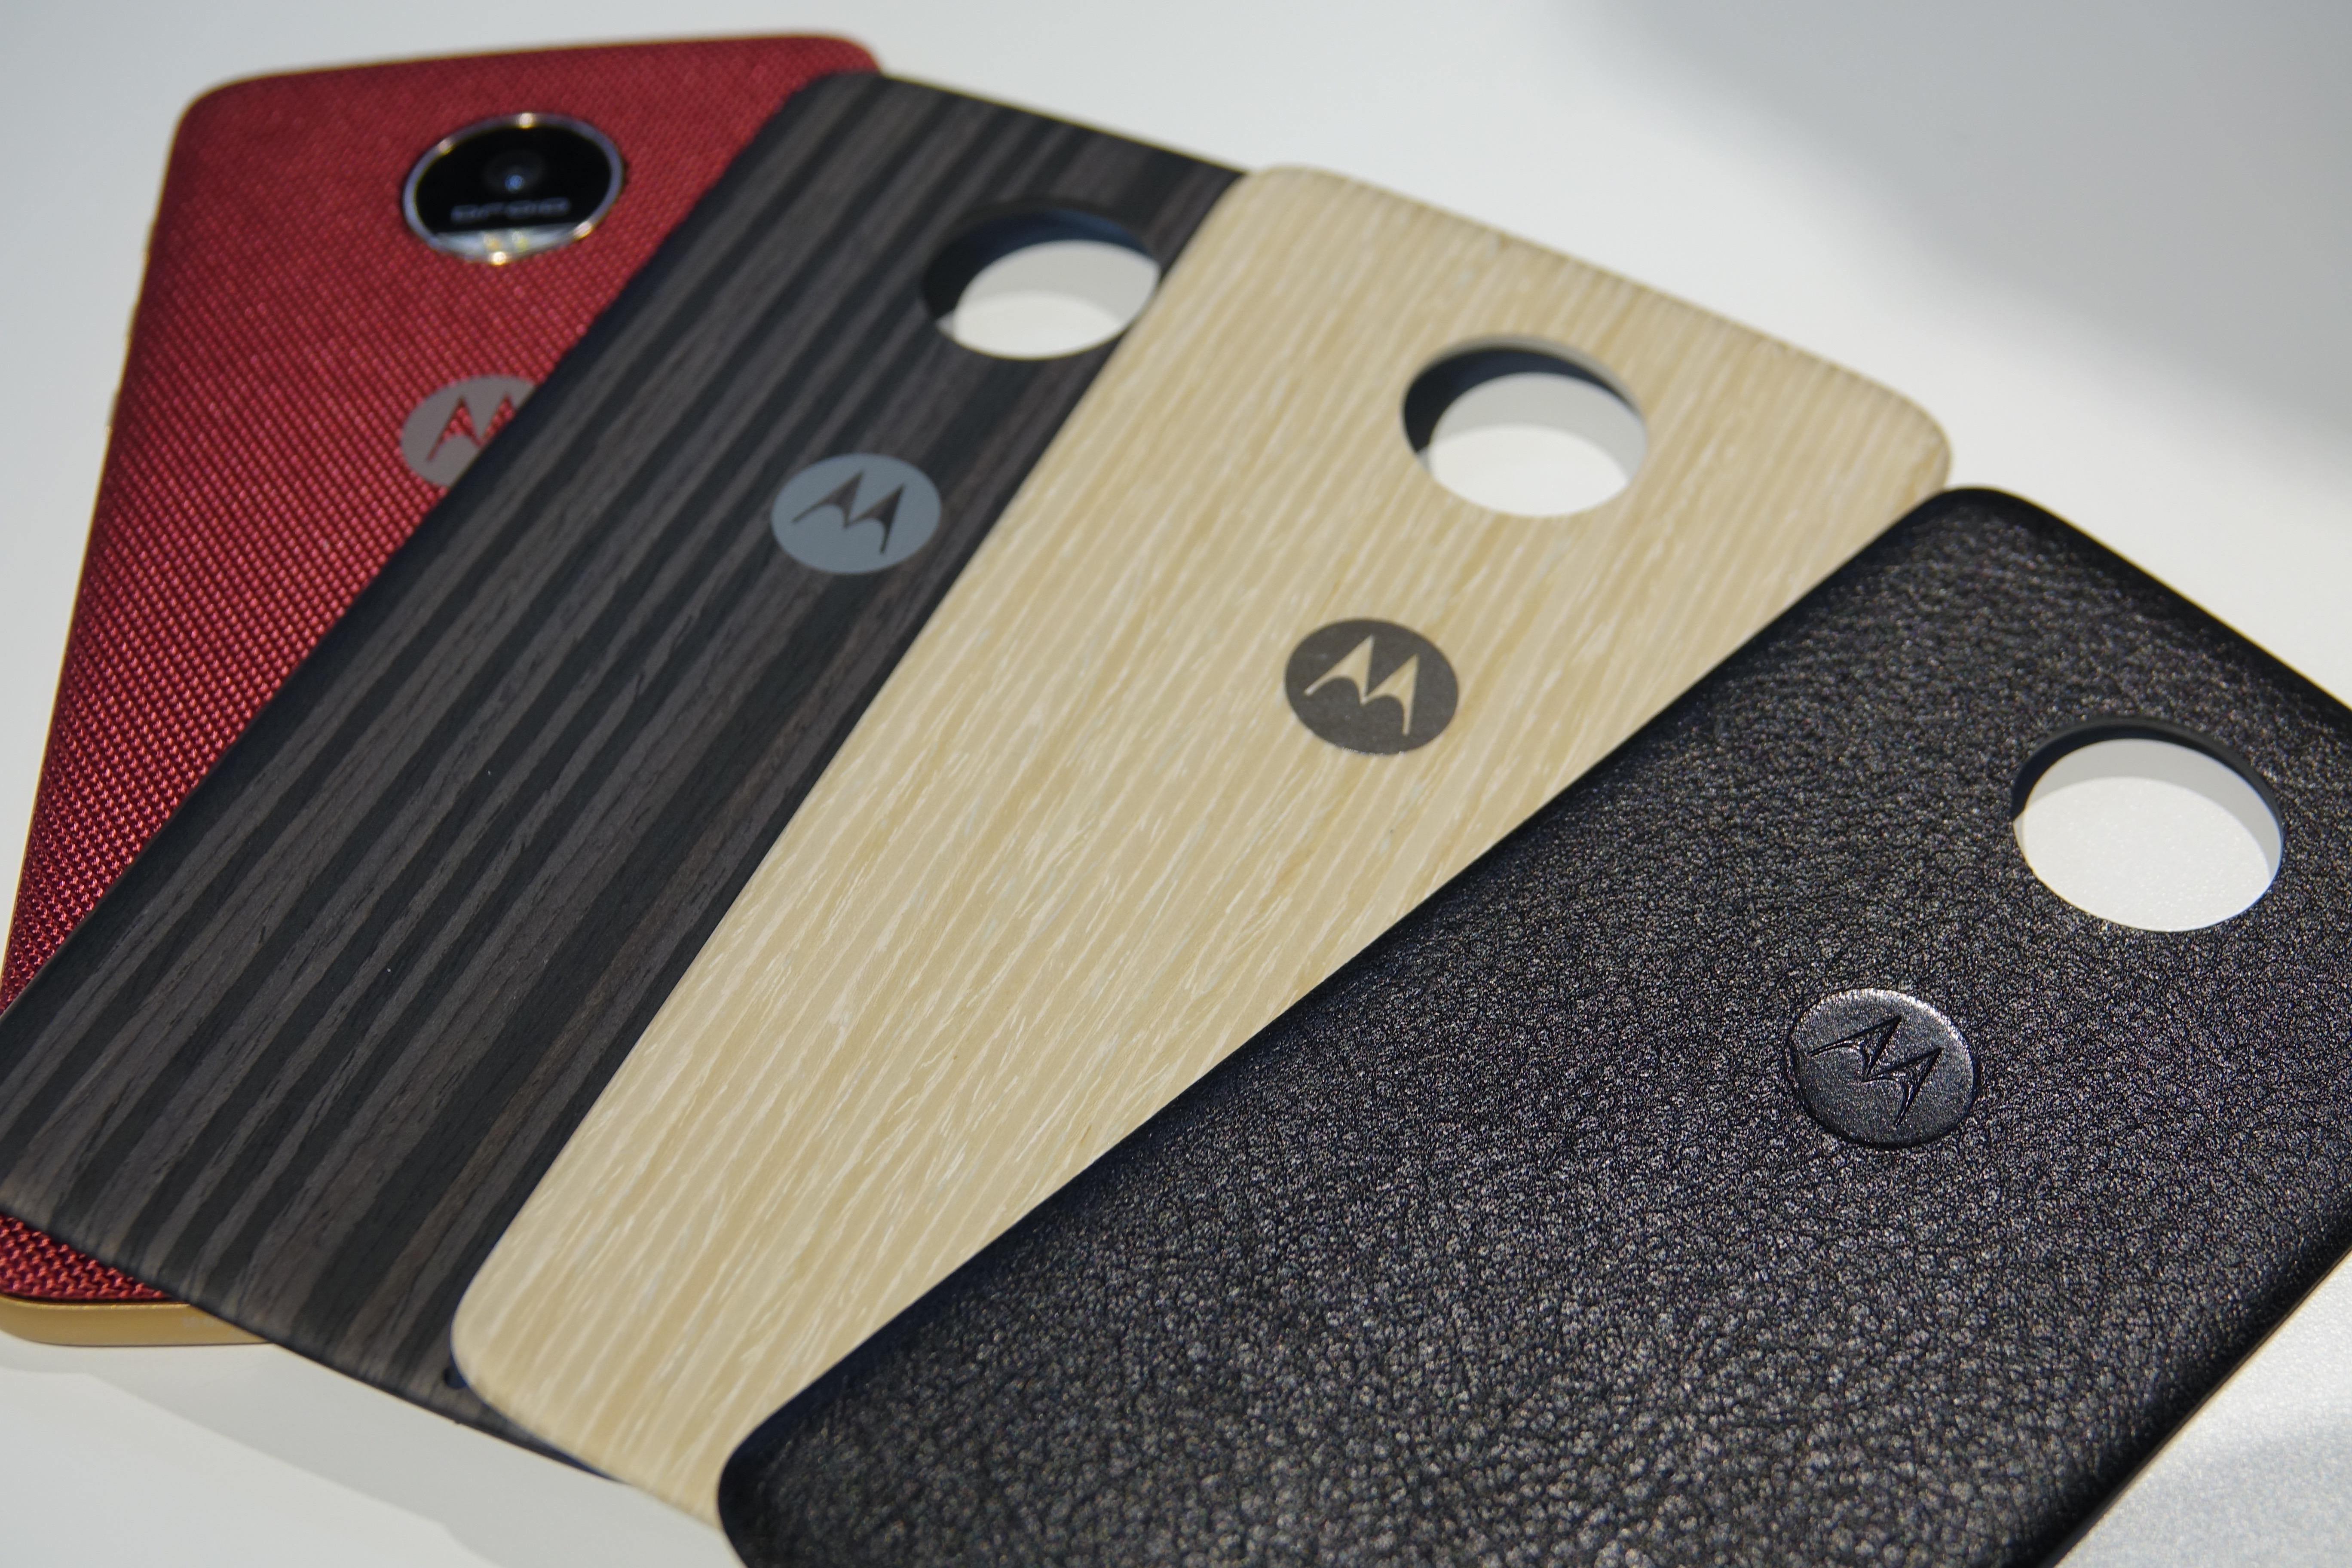 Moto Modsでは背面にパネルを装着することもできる